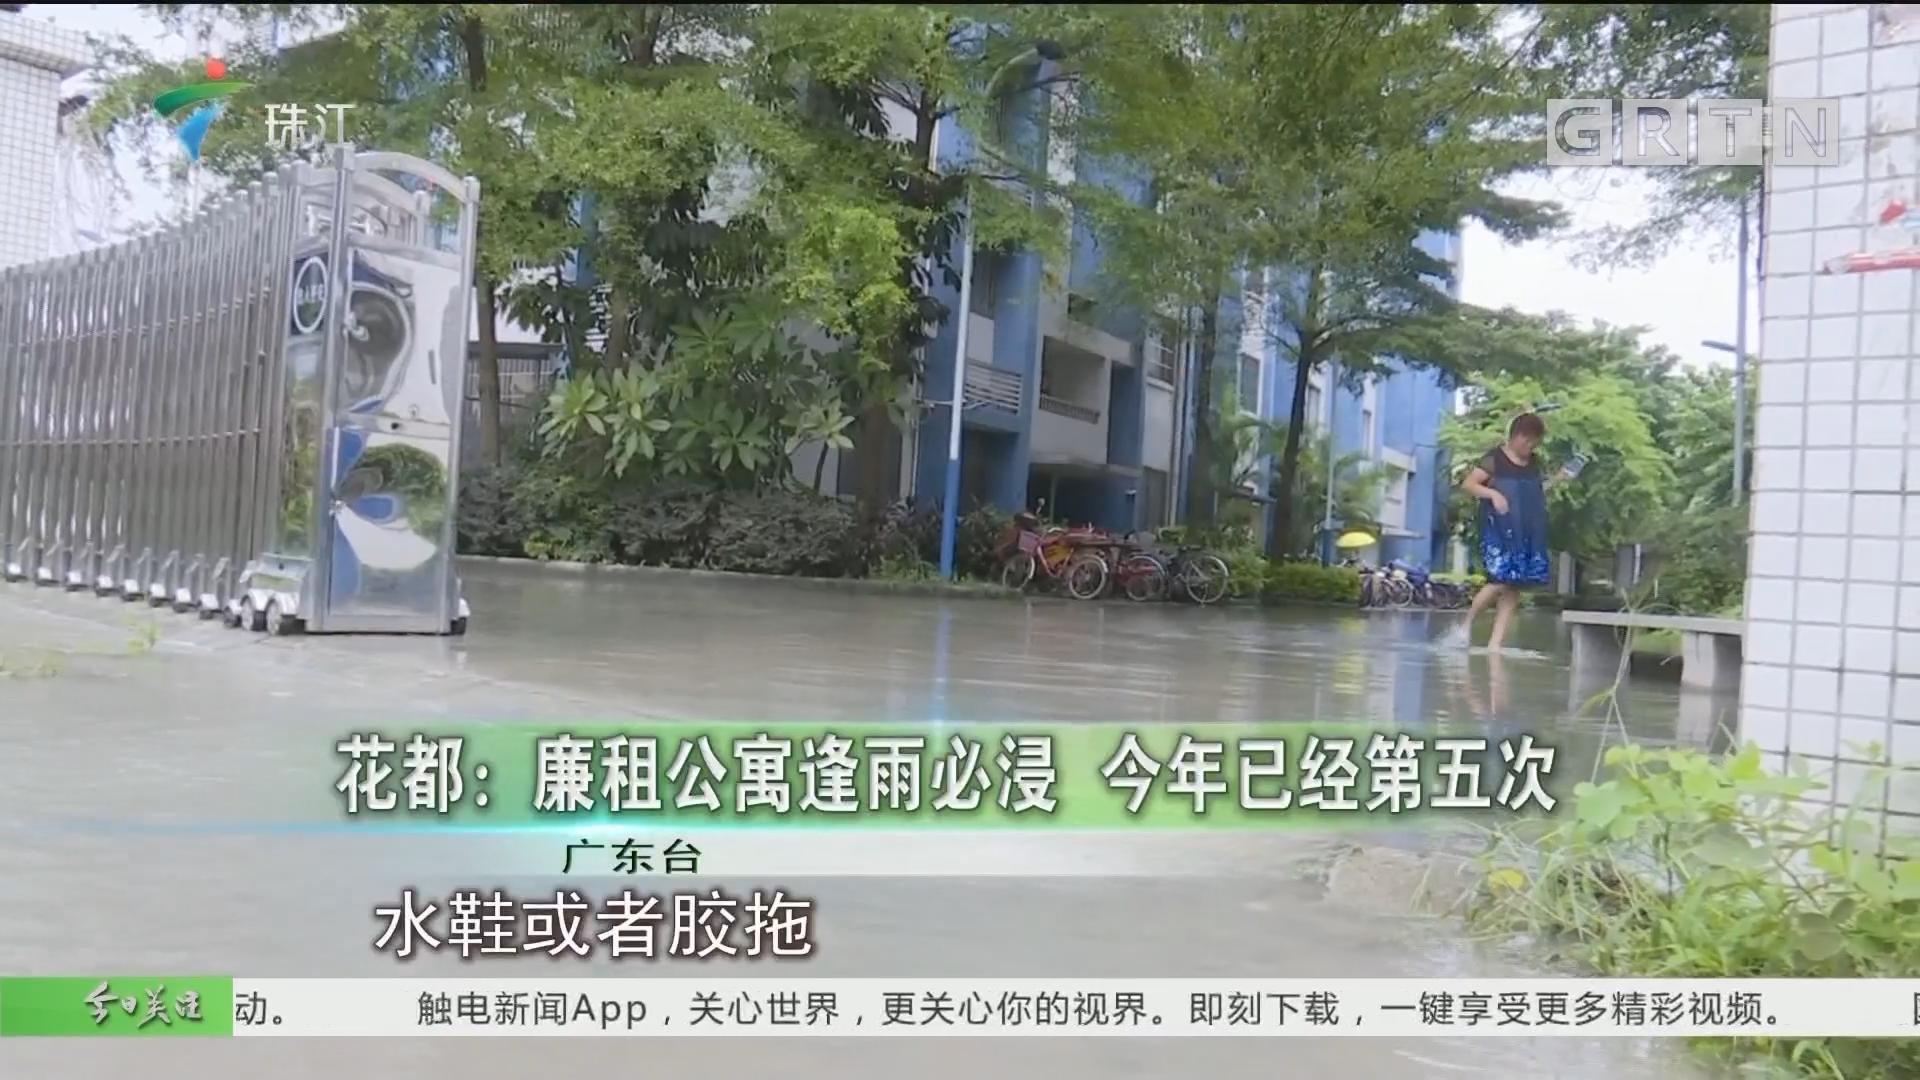 花都:廉租公寓逢雨必浸 今年已经第五次